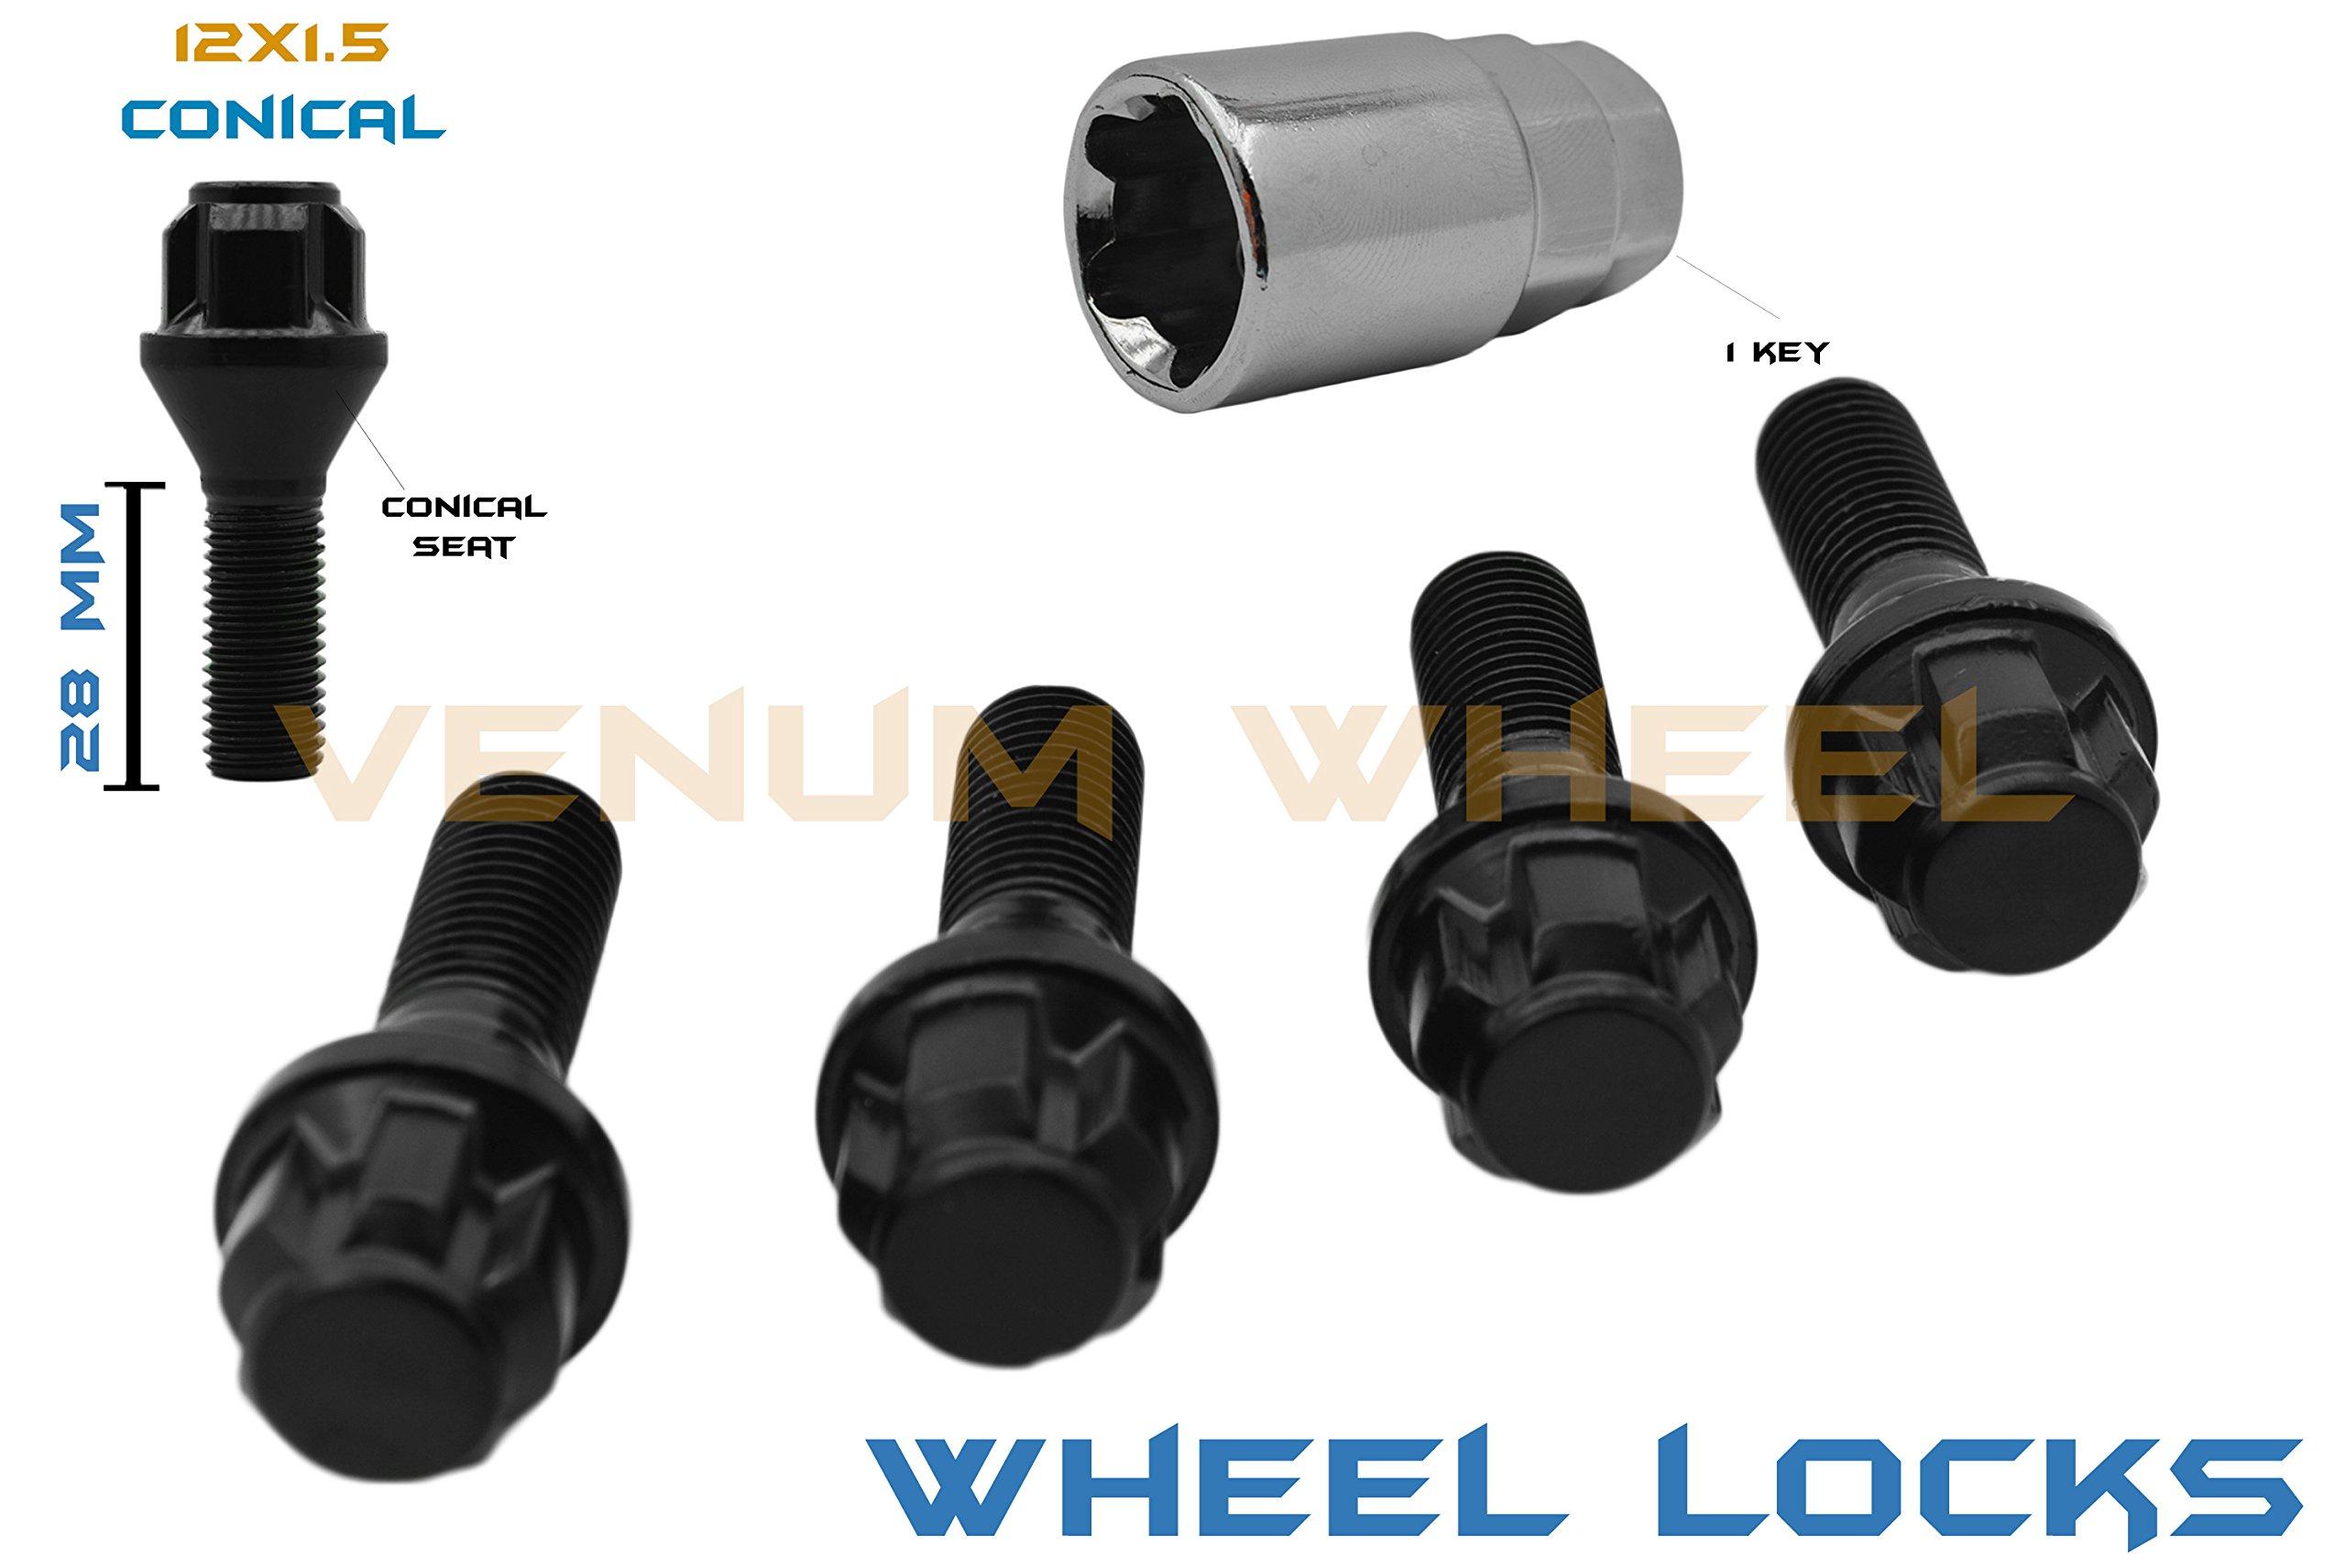 4 Pc 28mm Stock Shank Wheel Locks Locking Lug Bolts Black W/ Key Included 128i 135i 318i 320i 325i 328i 335i M3 525i 528i 530i 535i M5 Z3 Z4 E36 E46 E60 E90 E92 E93